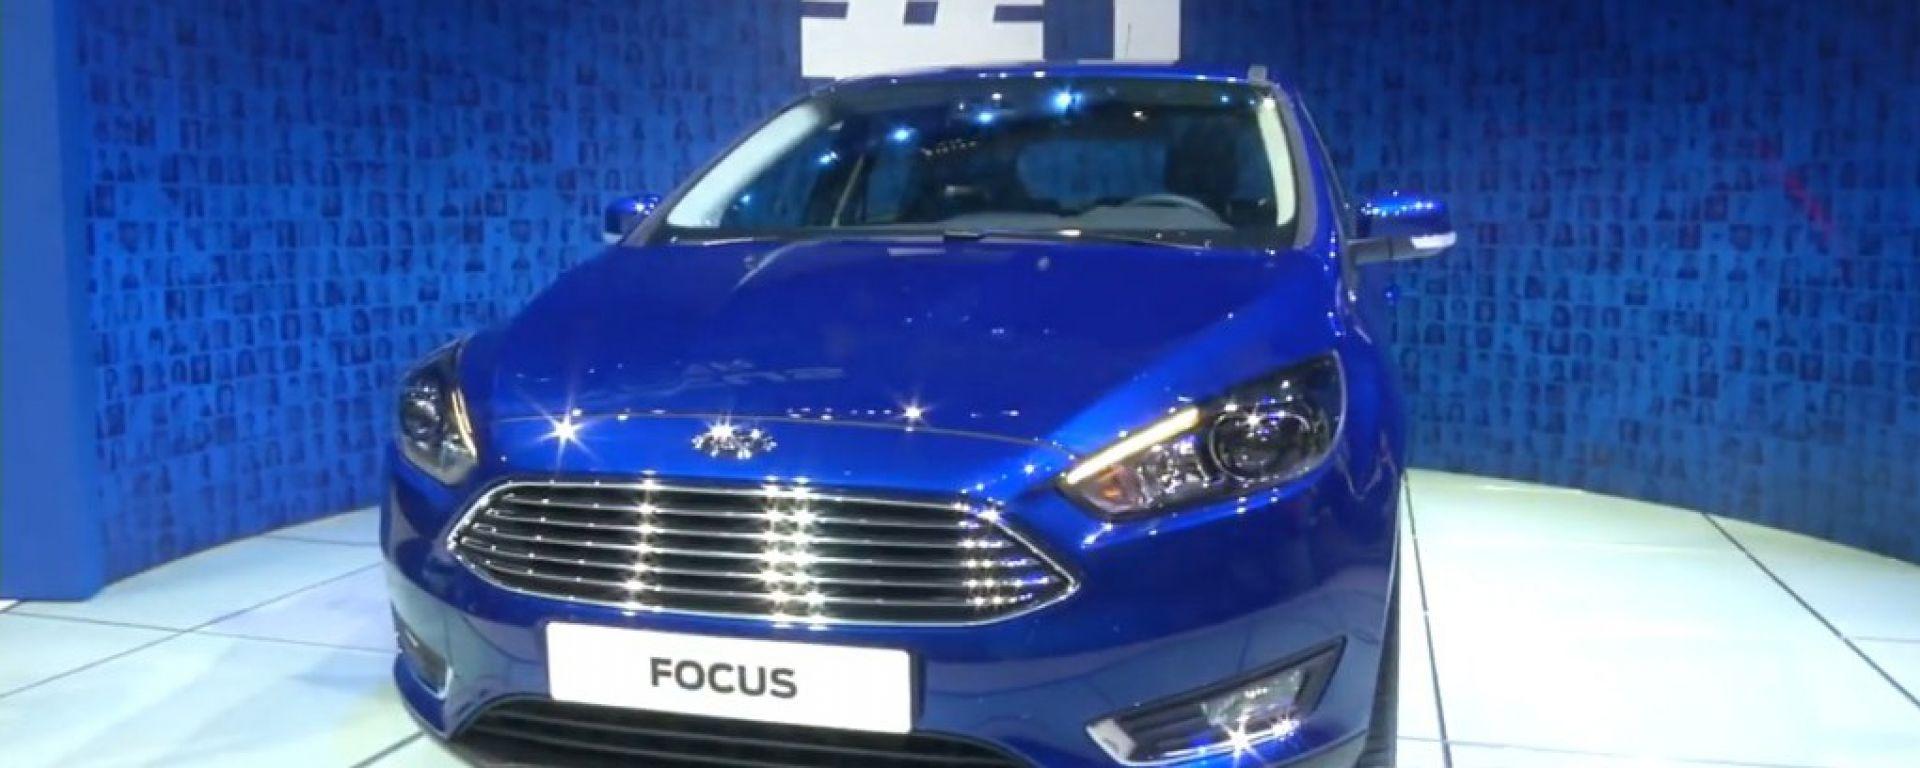 Salone di Ginevra 2014, lo stand Ford